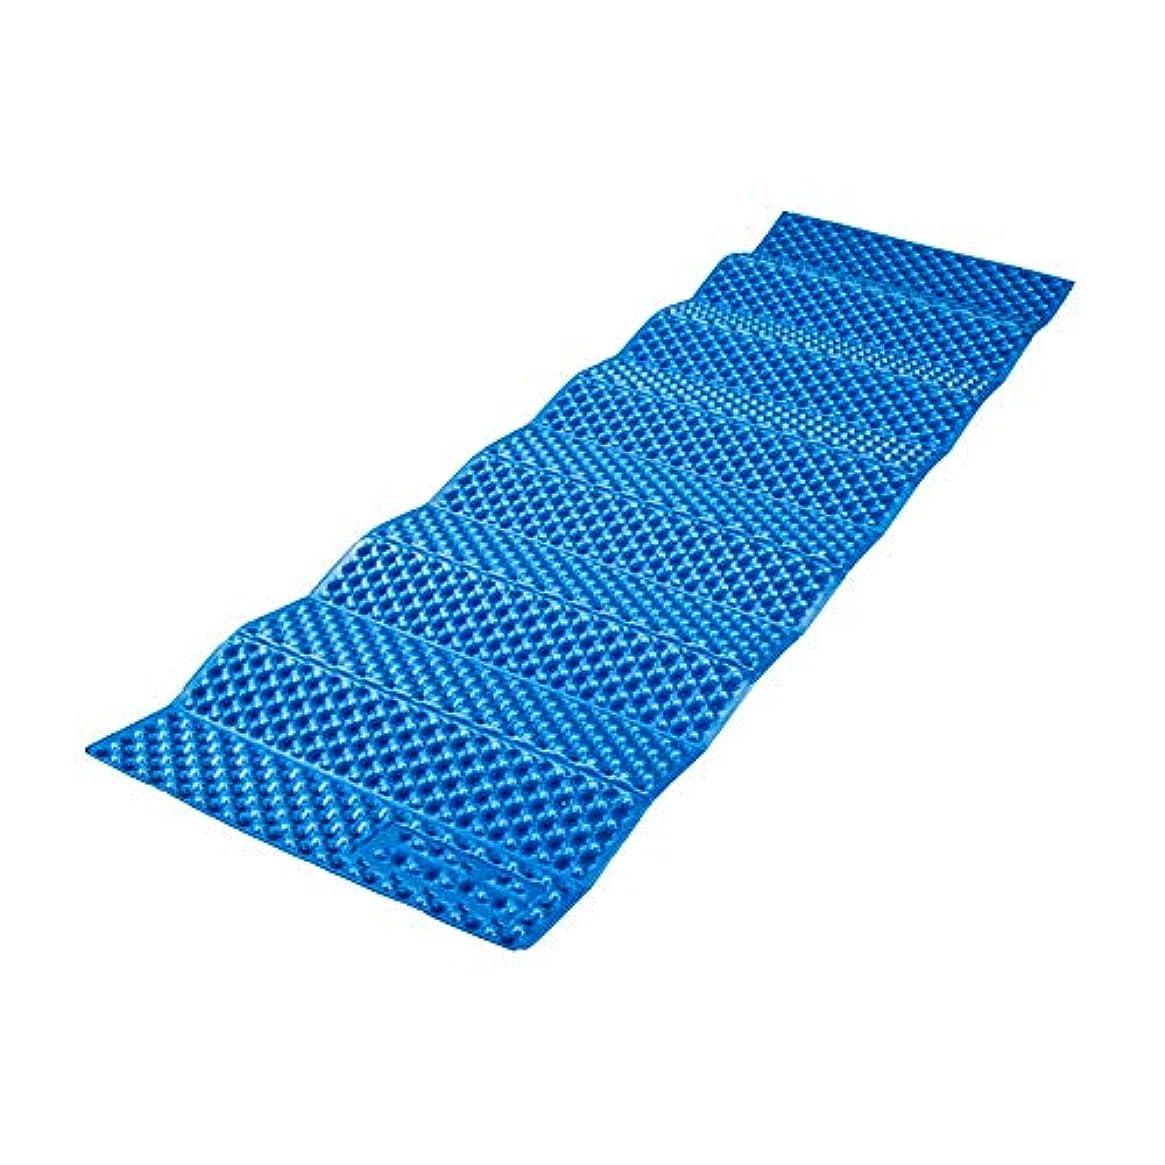 七面鳥カートリッジ番号寝袋アウトドアアウトドアブッシュスリーシーズンキャンプ シングル屋外マット厚いアルミフィルム折りたたみポータブルシエスタマットランチブレイクキャンプテントマット で利用できる単一の二重色 (色 : 青)